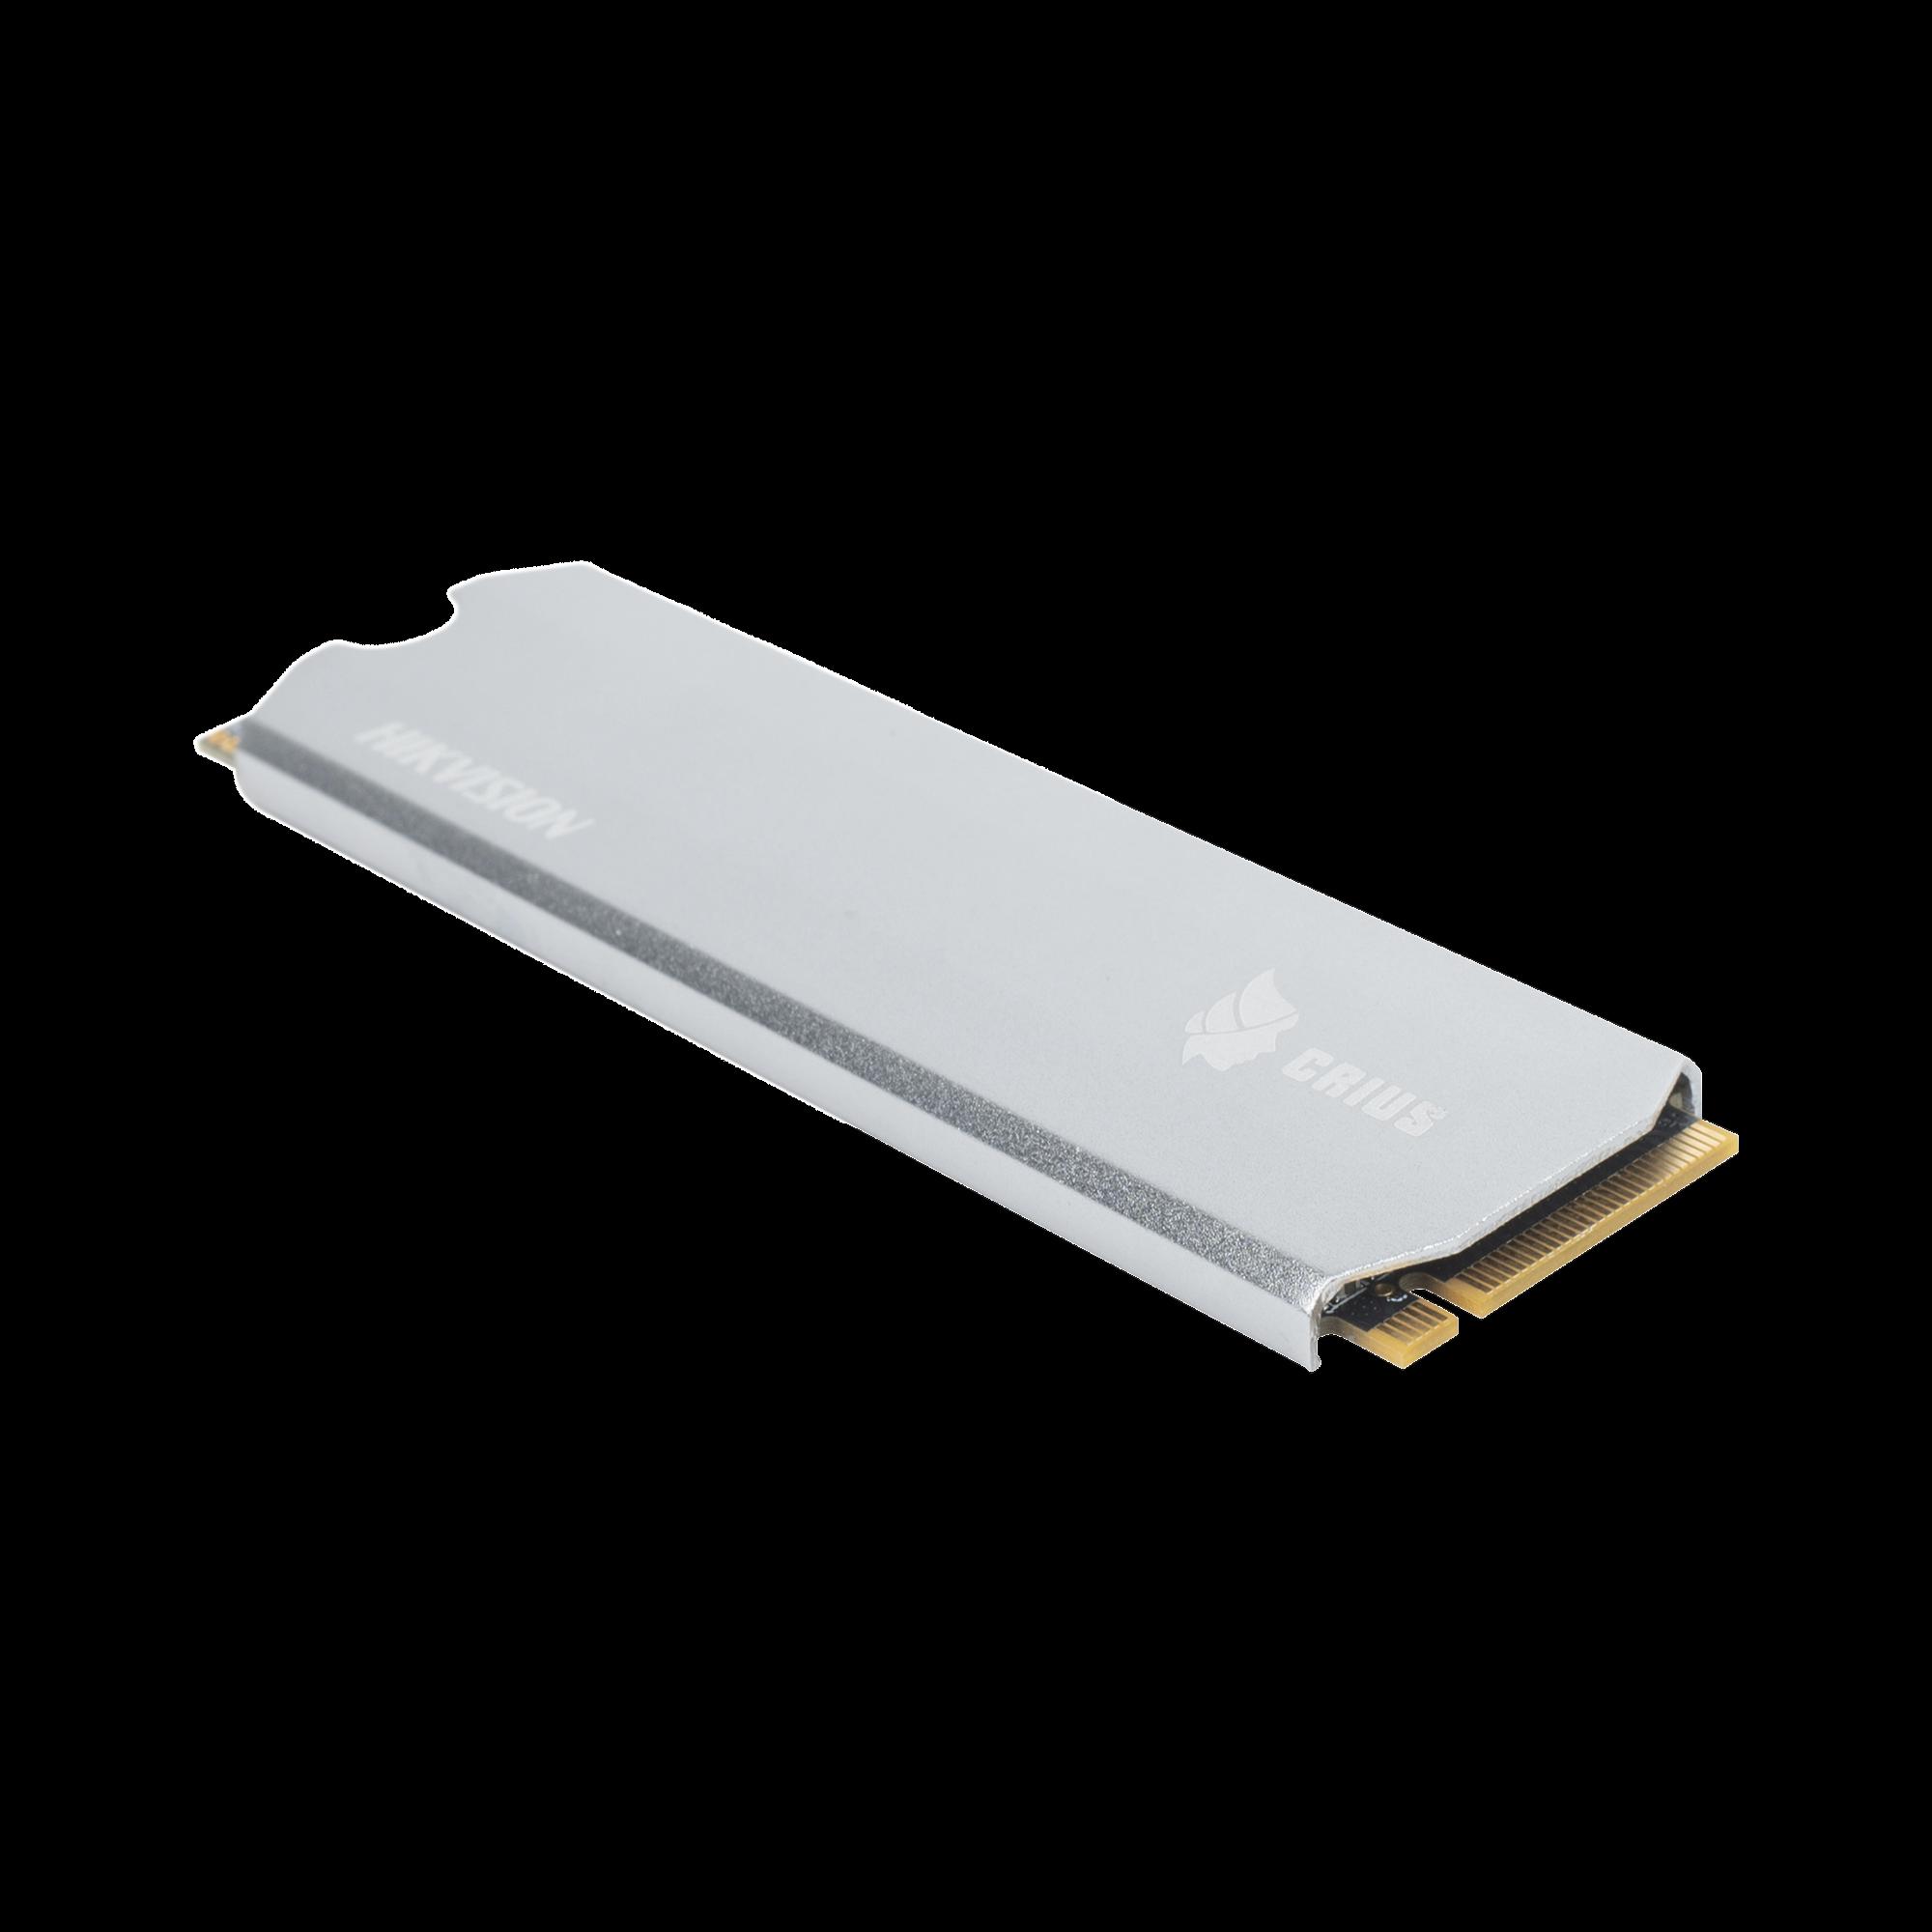 Unidad de Estado Sólido (SSD) 1024 GB / PERFORMANCE EXTREMO / Hasta 3500 MB/s / M.2 NVMe / Para Gaming y PC Trabajo Pesado